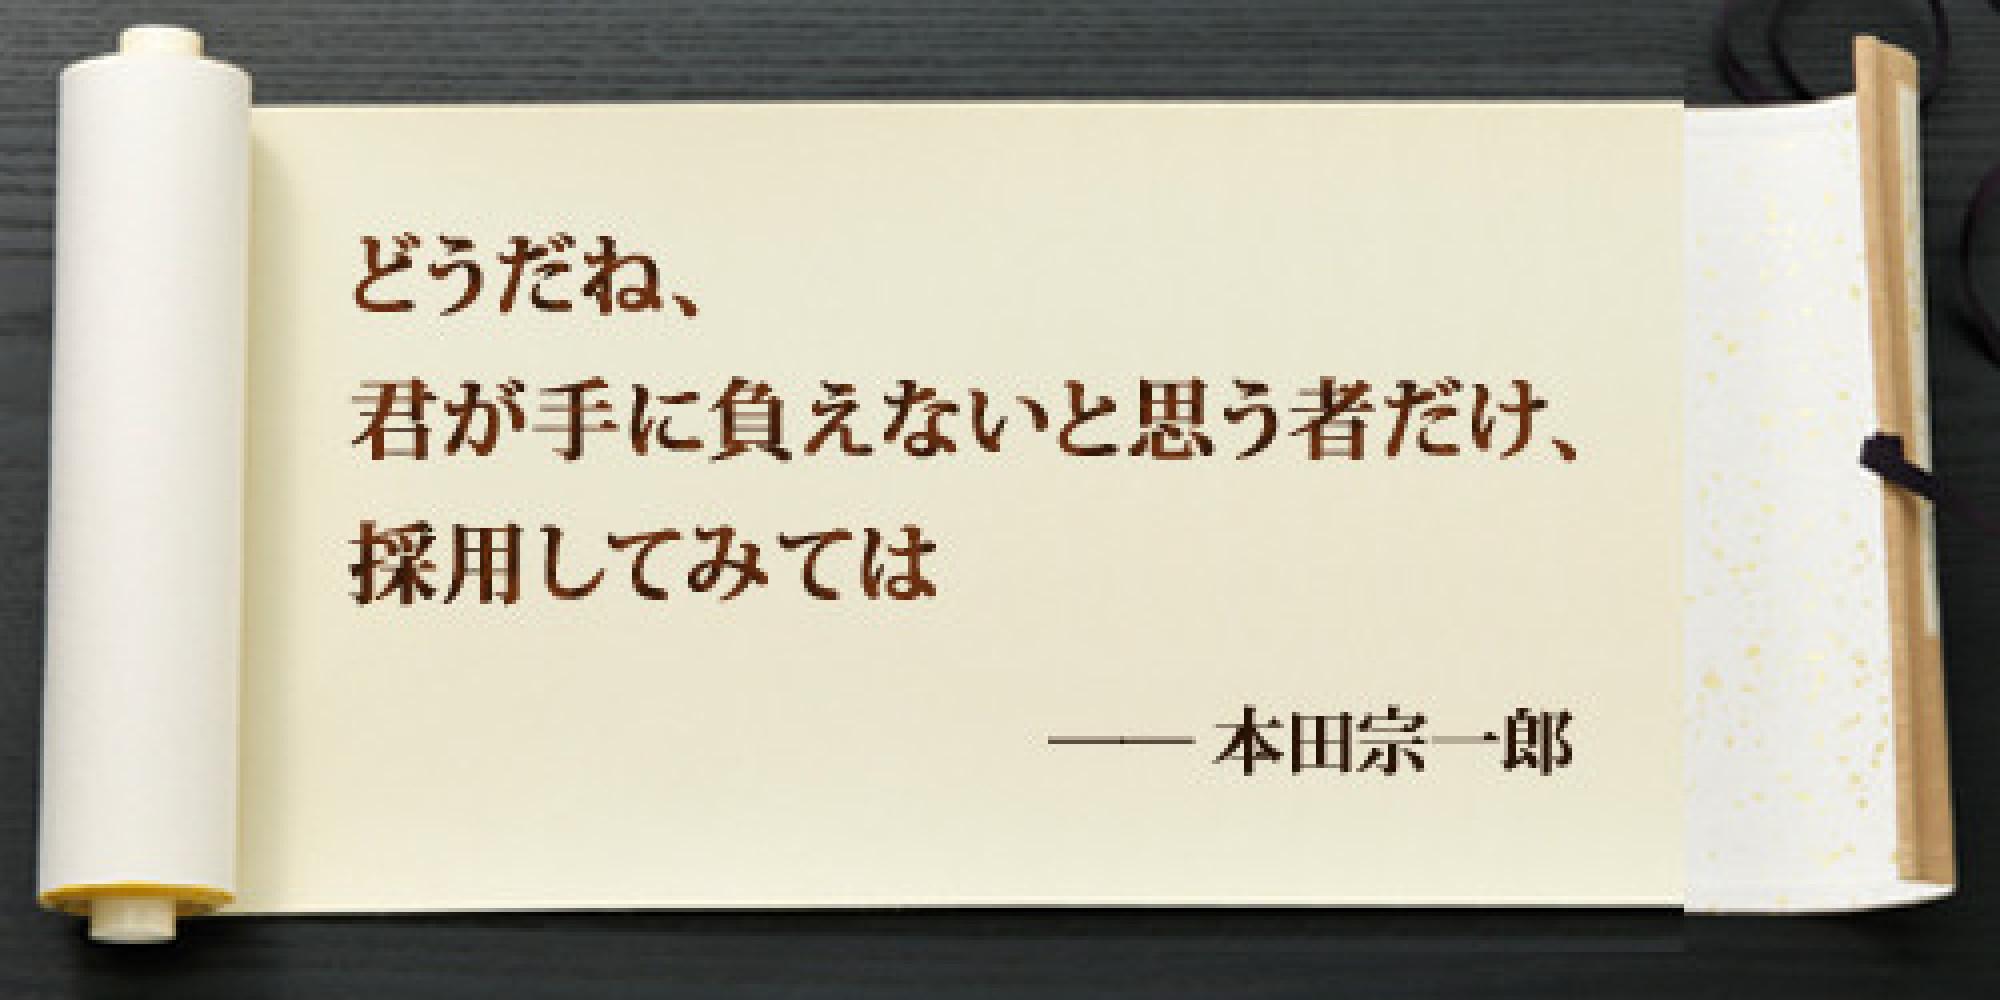 どうだね、君が手に負えないと思う者だけ、採用してみては ── 本田宗一郎